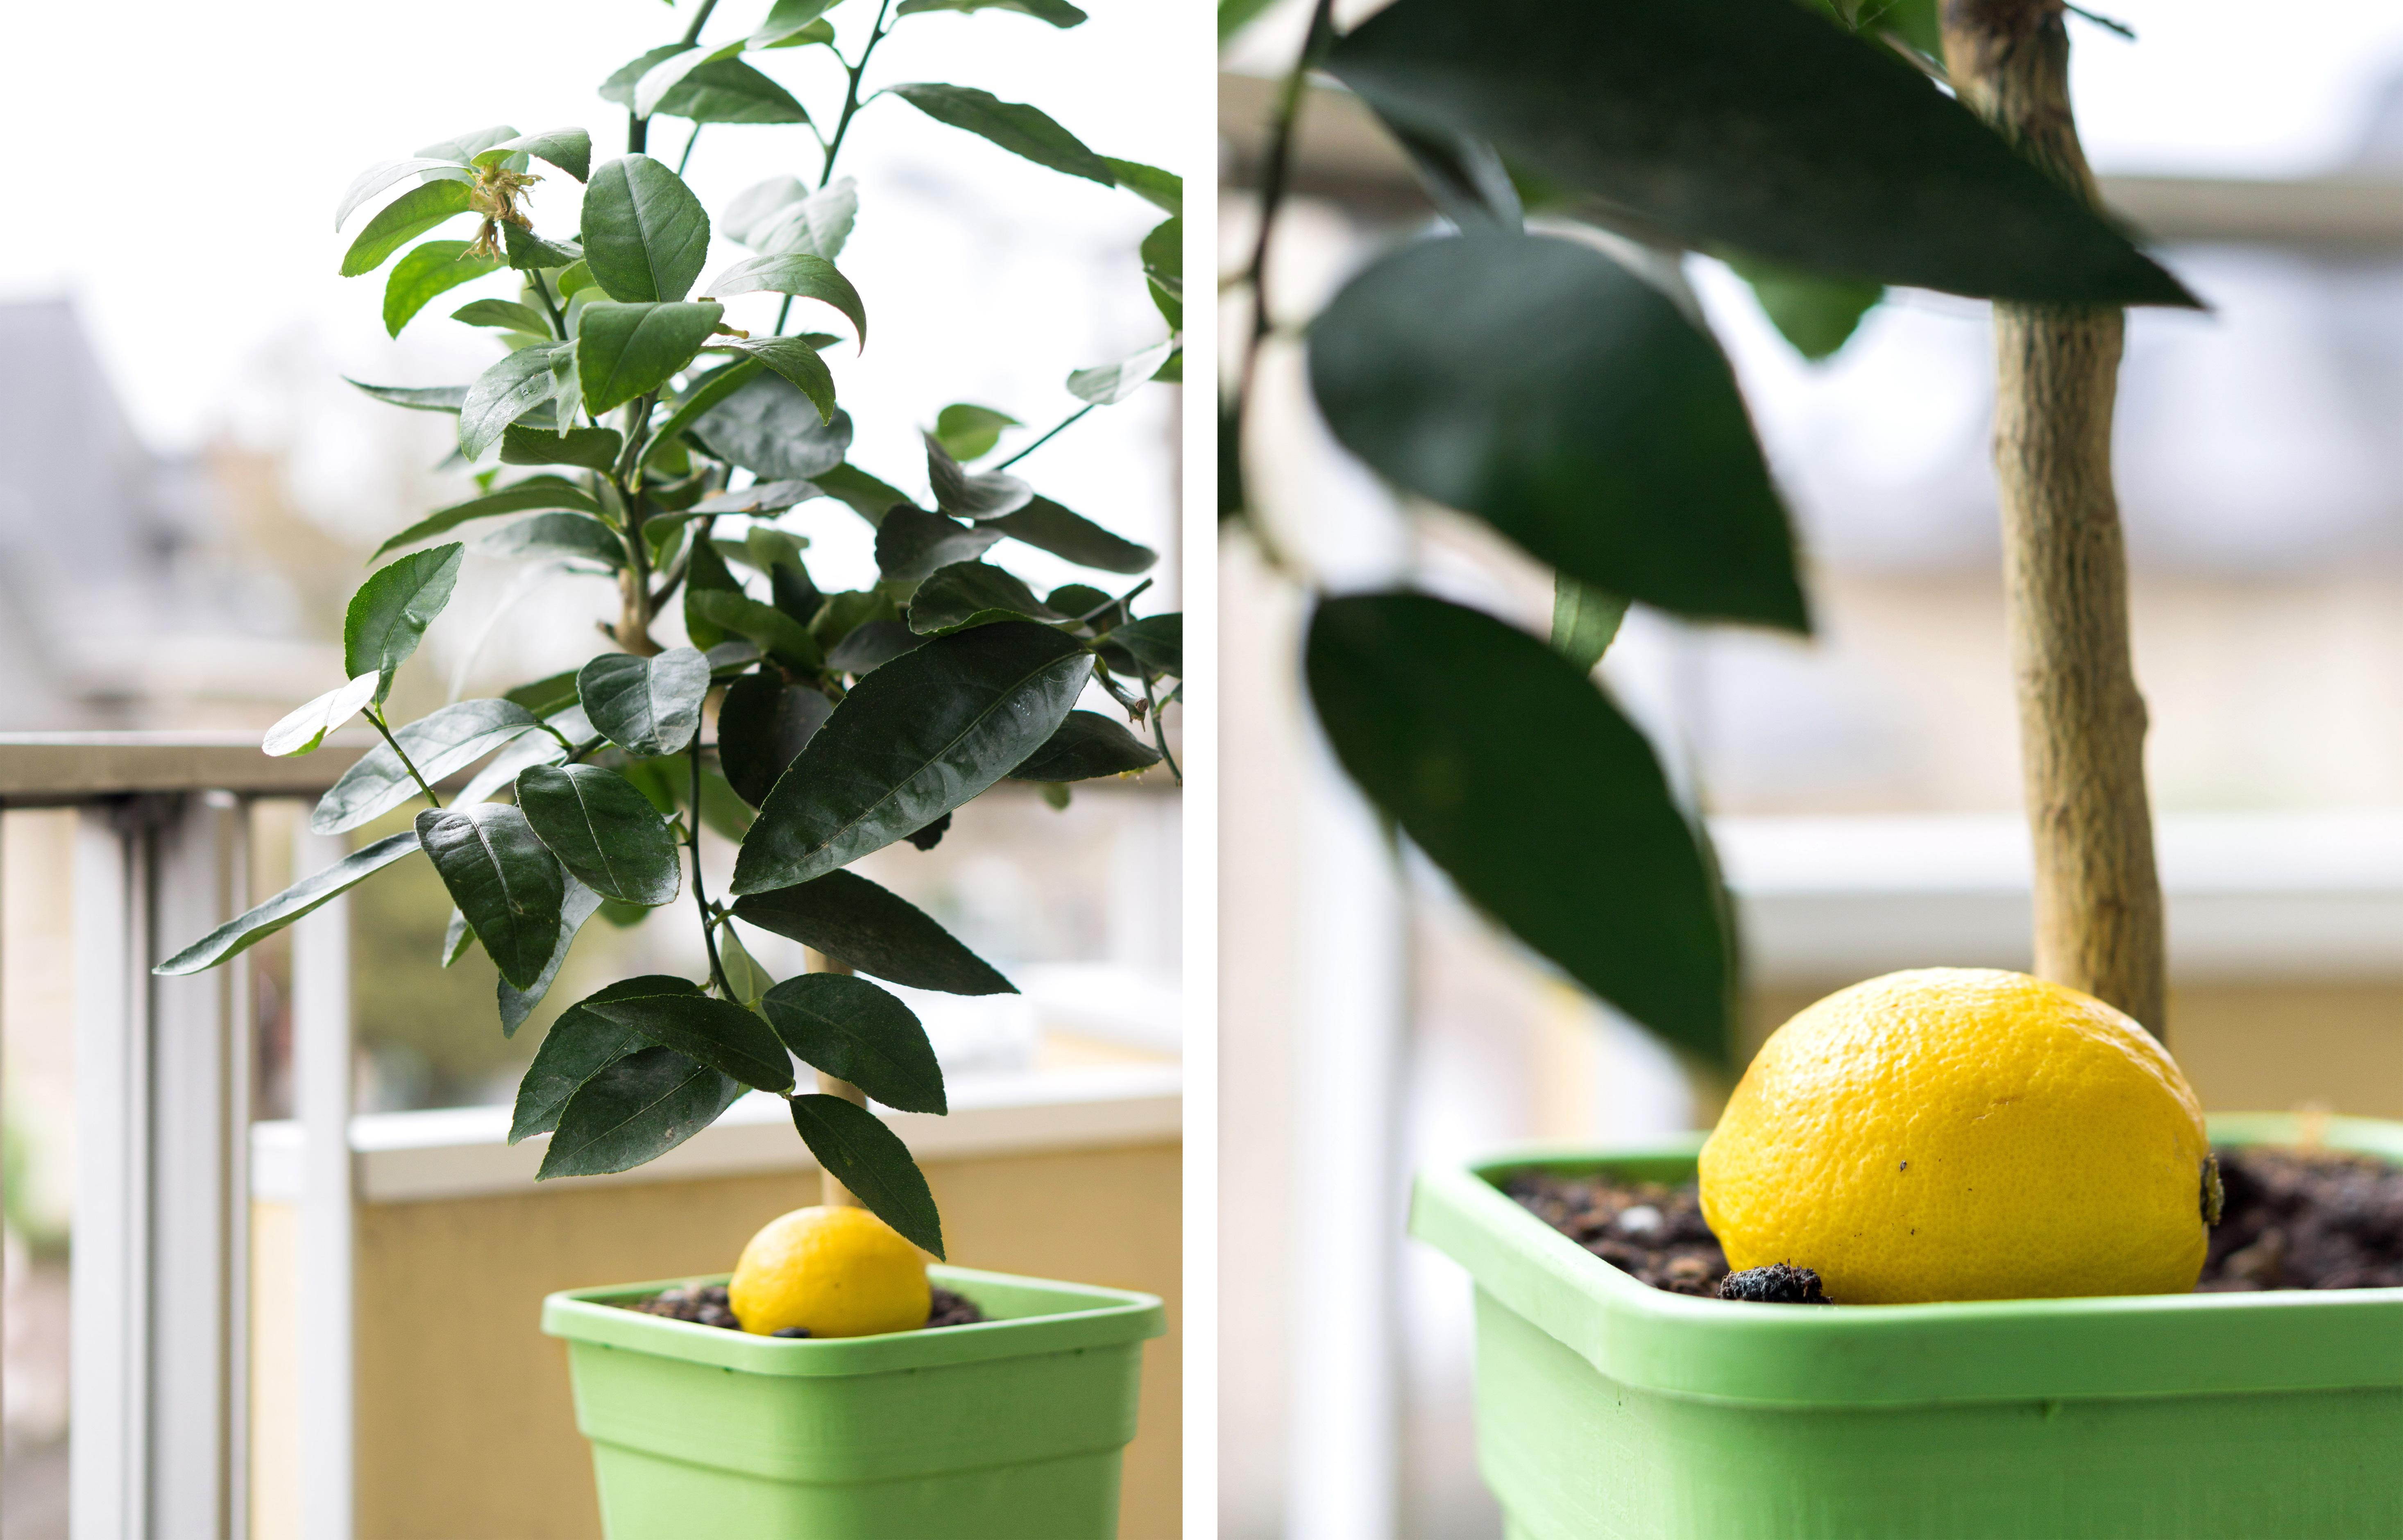 4-1-citronnier-citron-jardinage-appartement-résolutions-janvier2018-conseils-article-blog-oberthur-lifestyle-papeterie-rennes